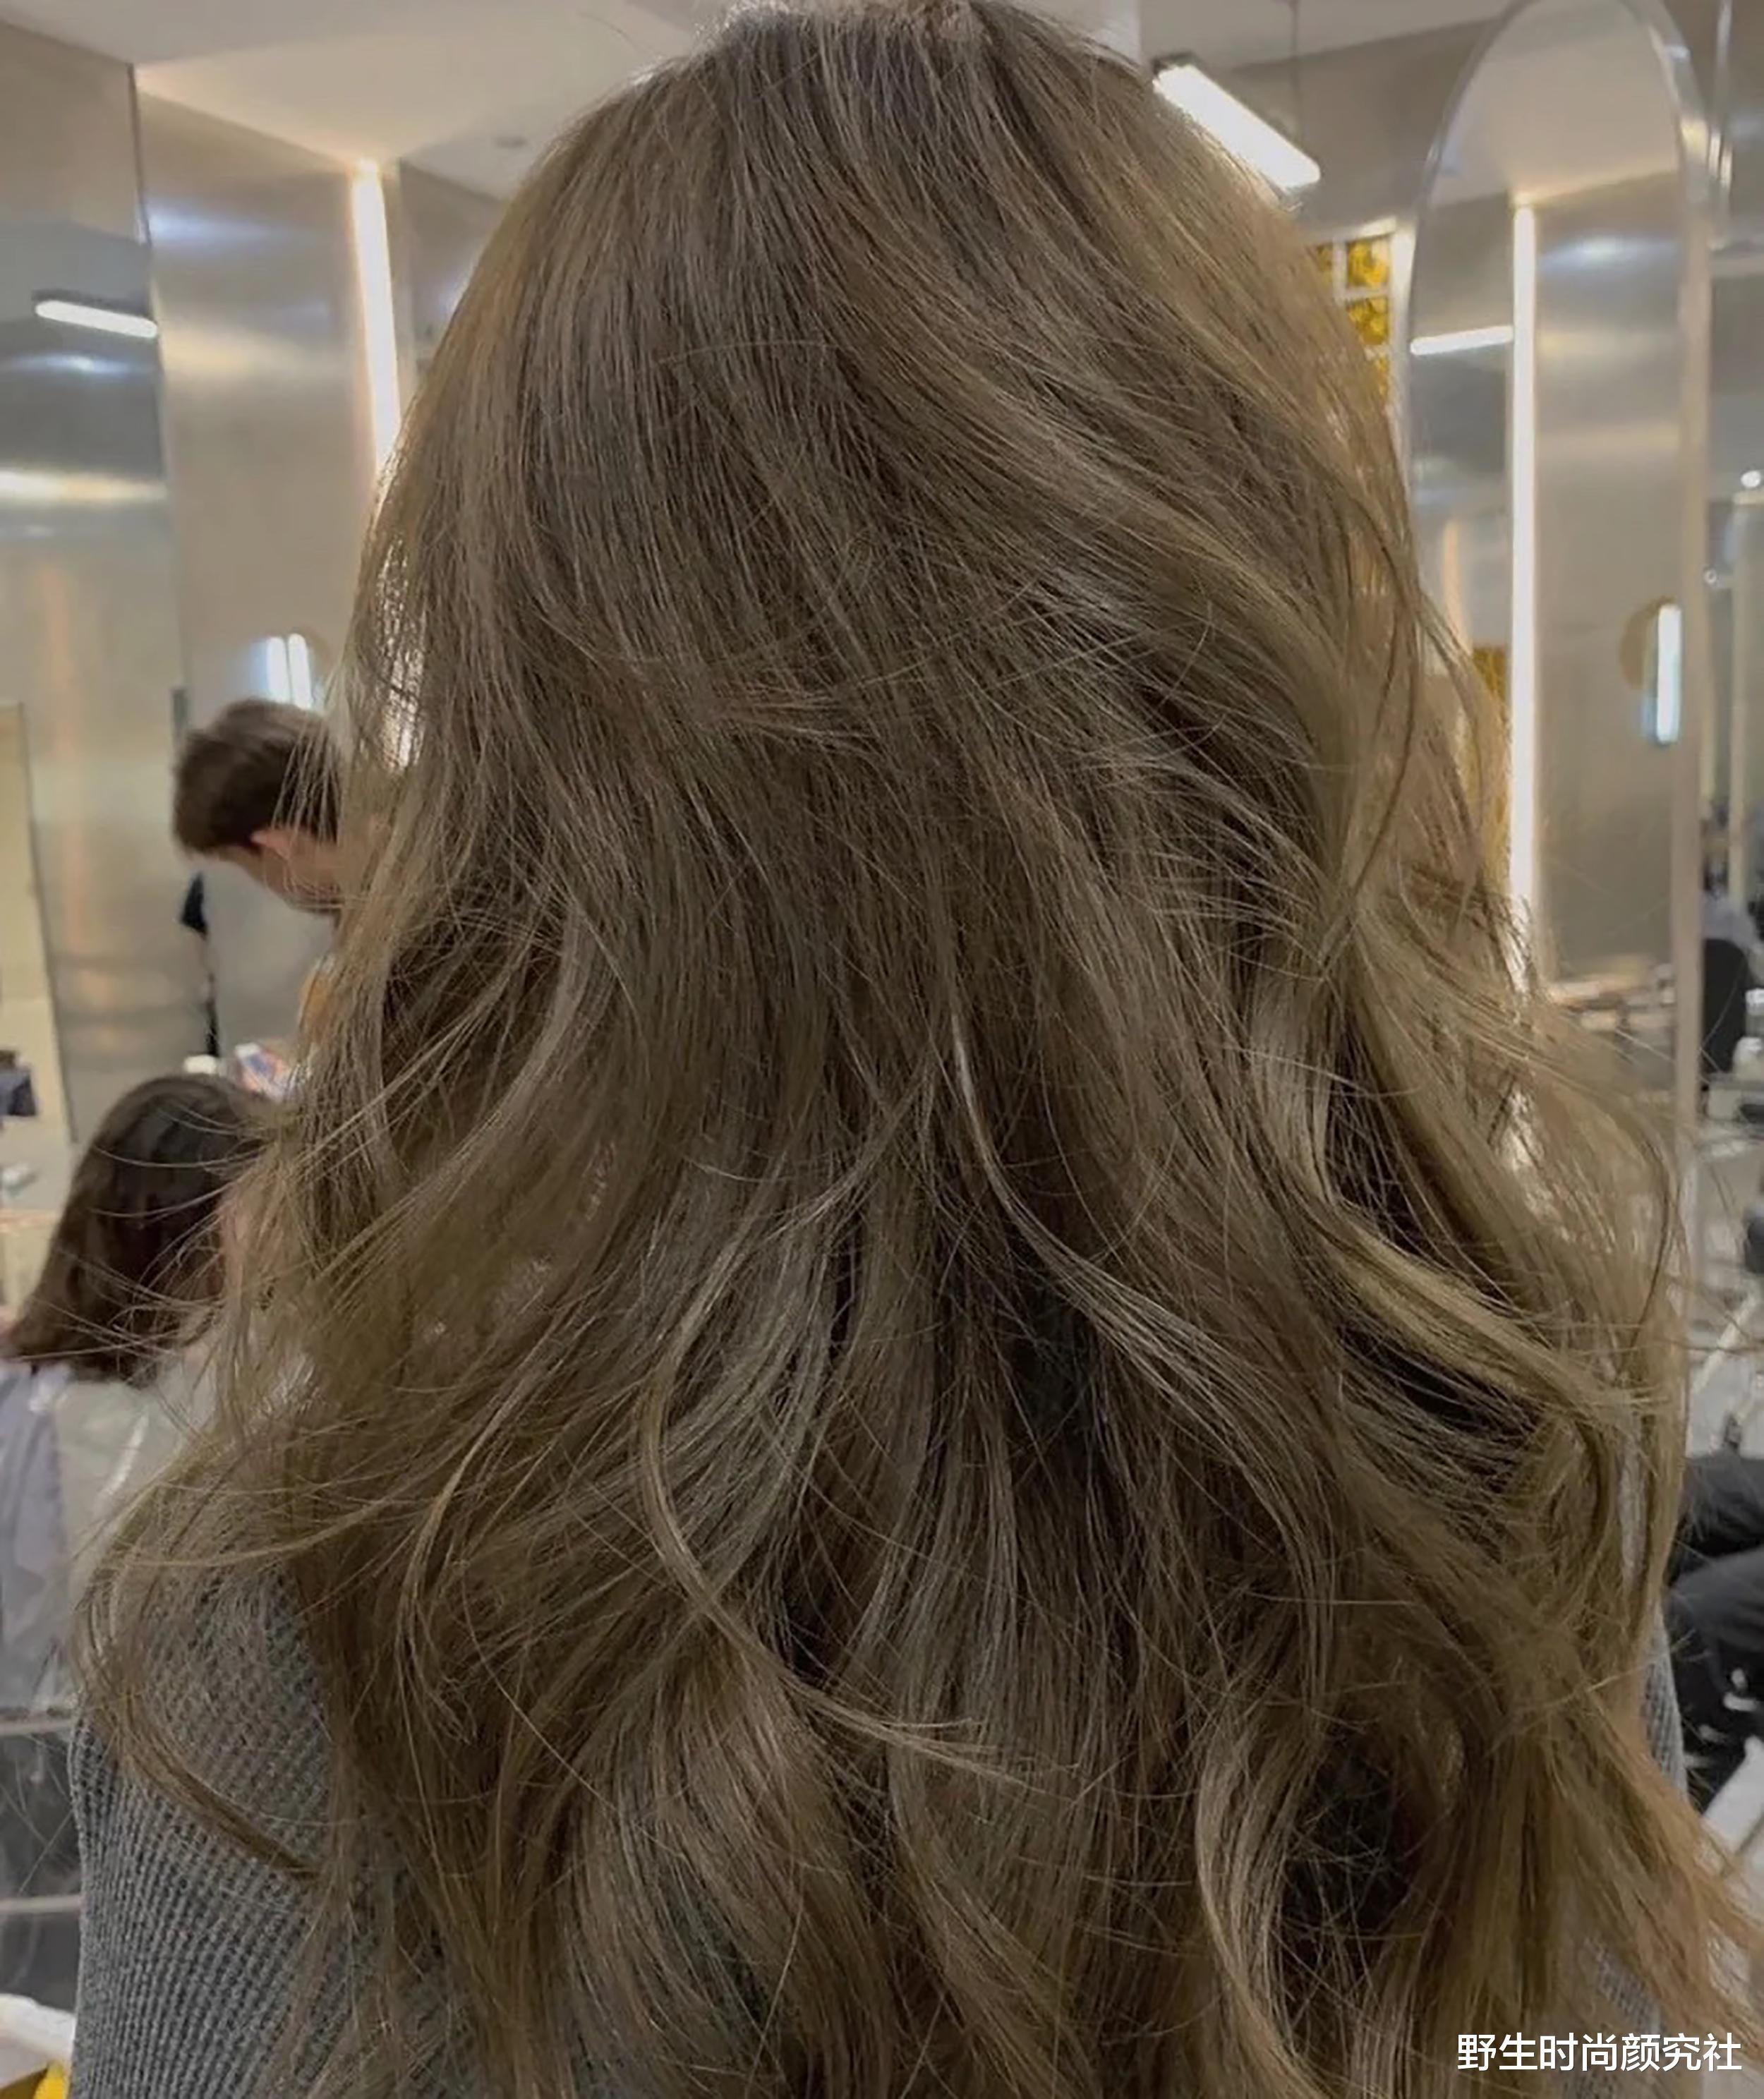 """堪称""""人间芭比""""的5款发色,不应该只属于冷白皮,黄皮快安排"""